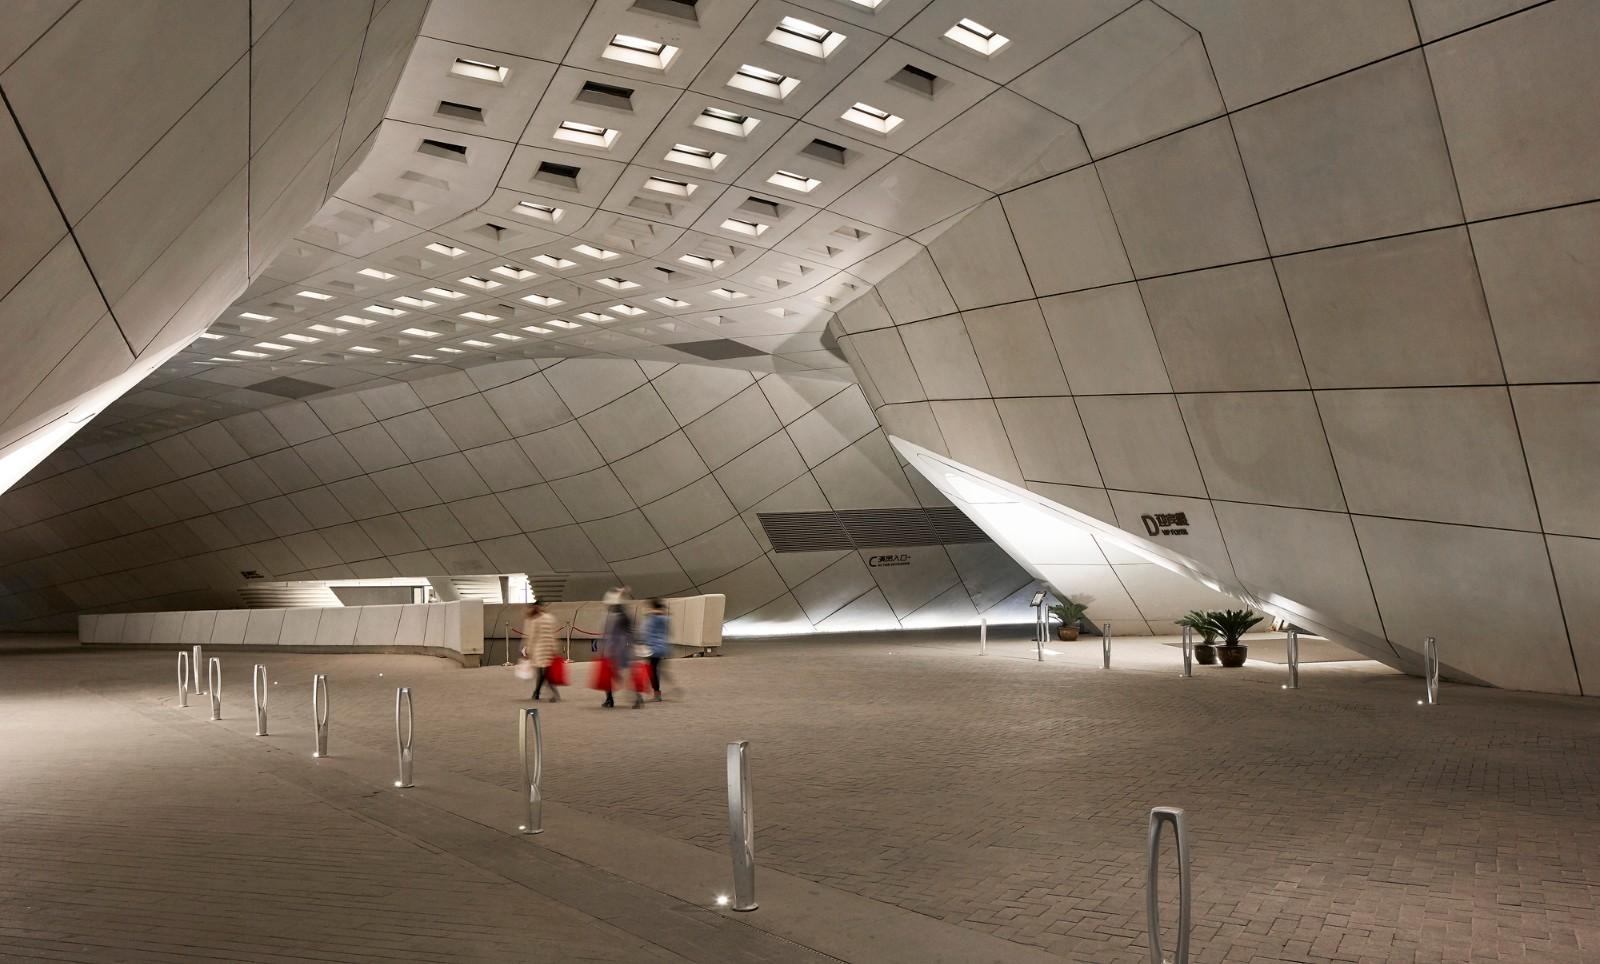 南京国际青年文化中心建筑设计/扎哈建筑事务所